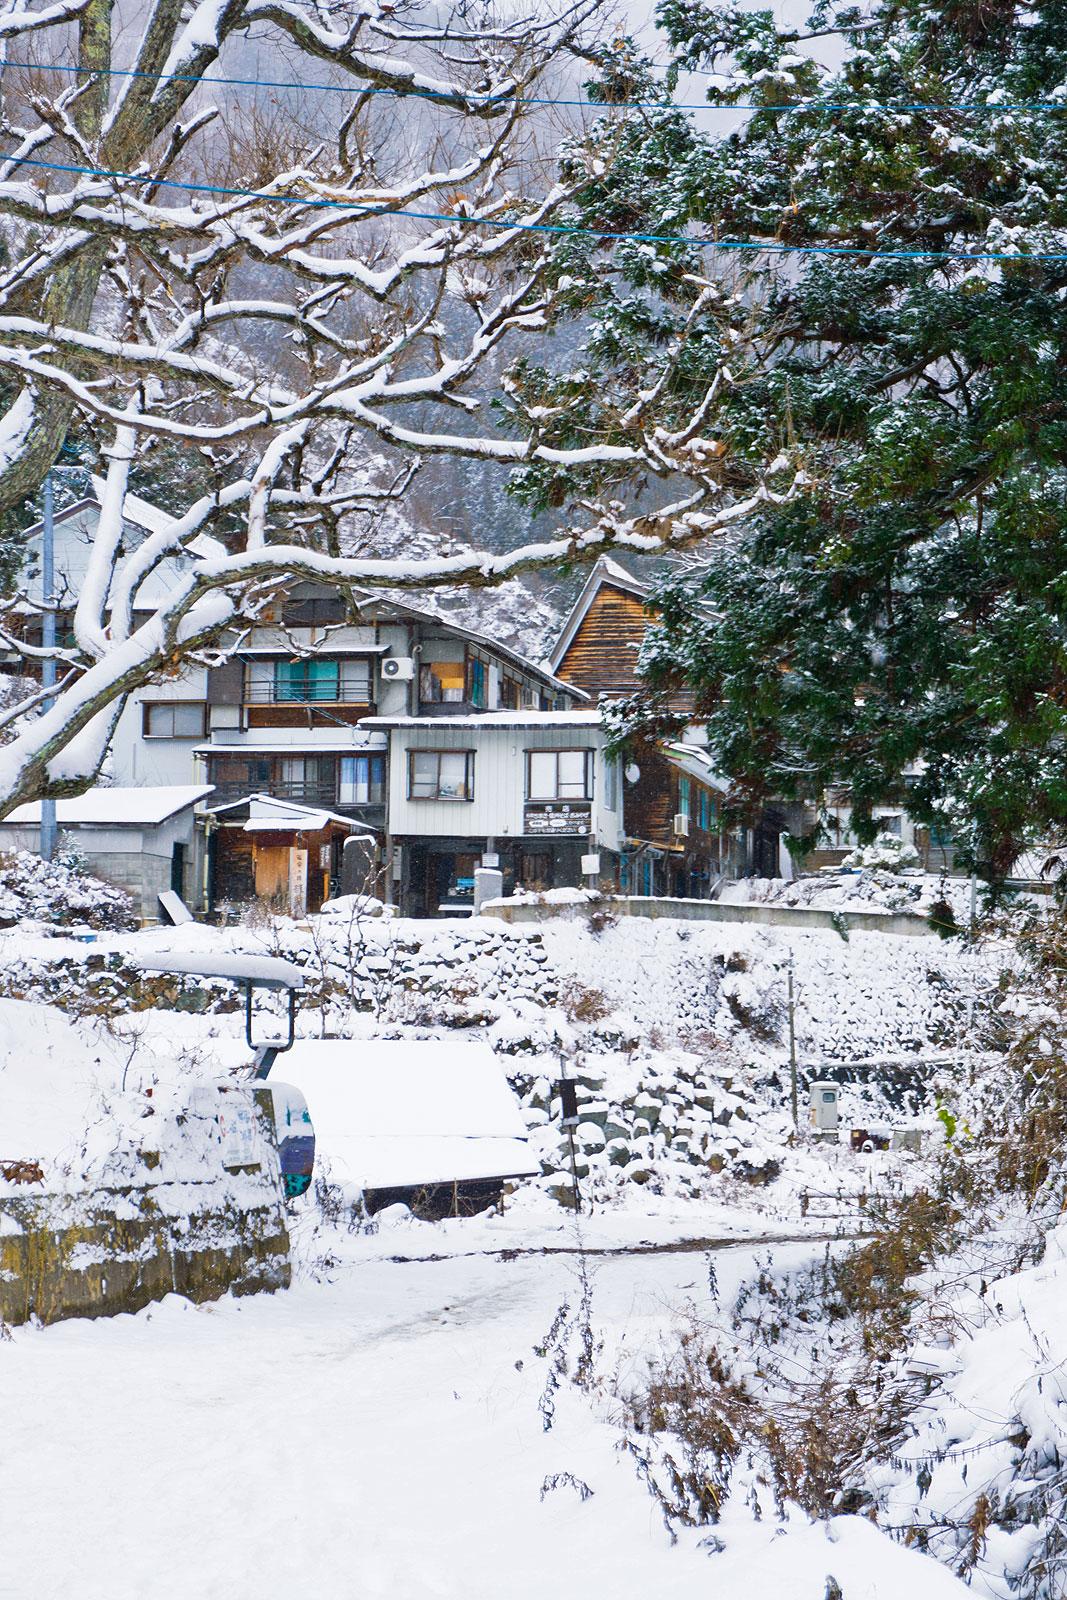 Nagano Japan snow mountains